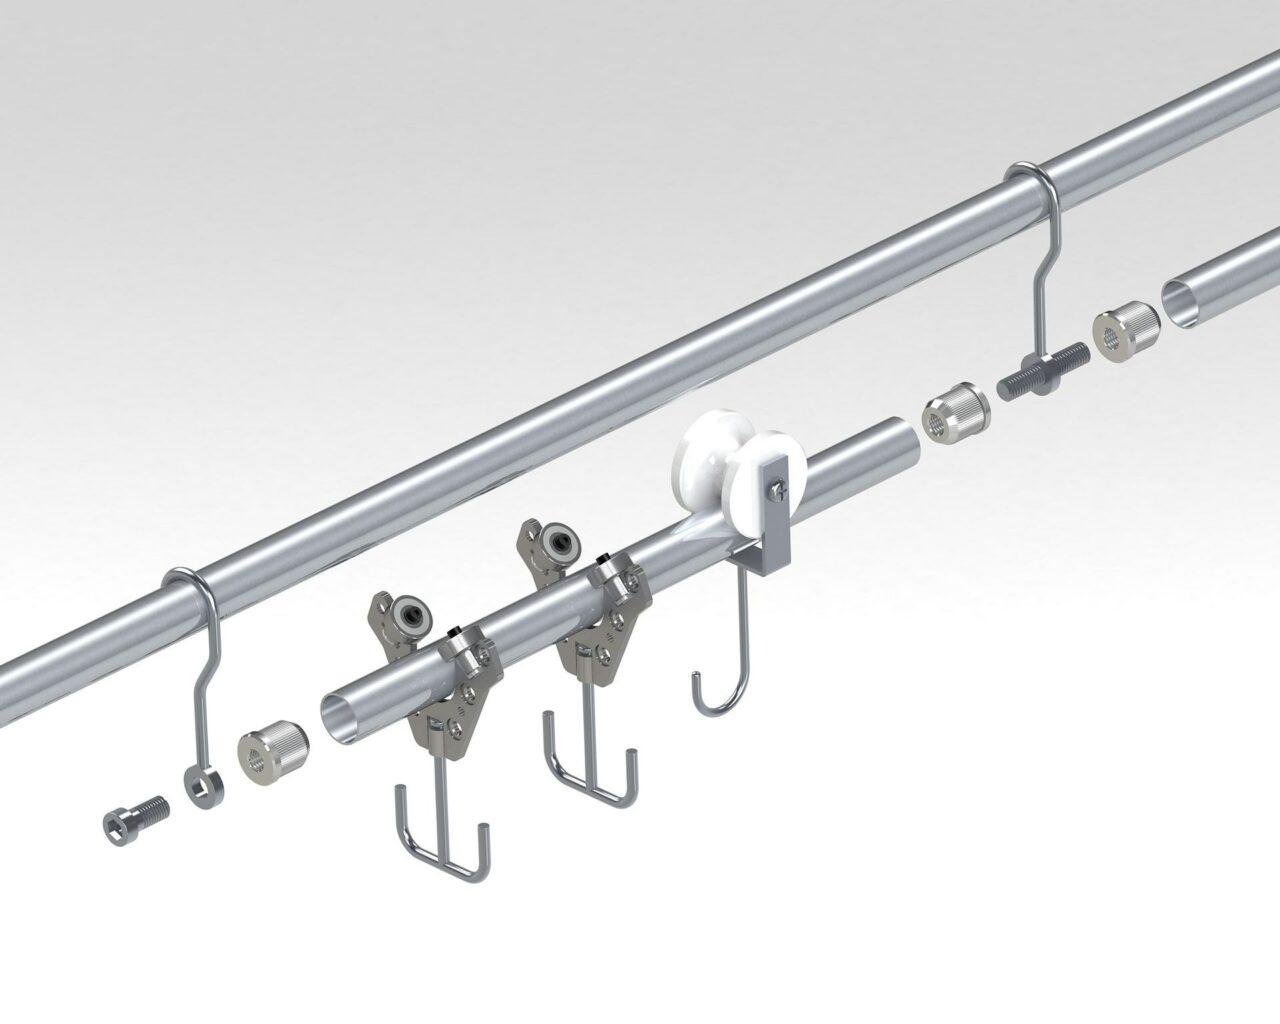 PEK3 Easytube Monorails Monorail Example 2